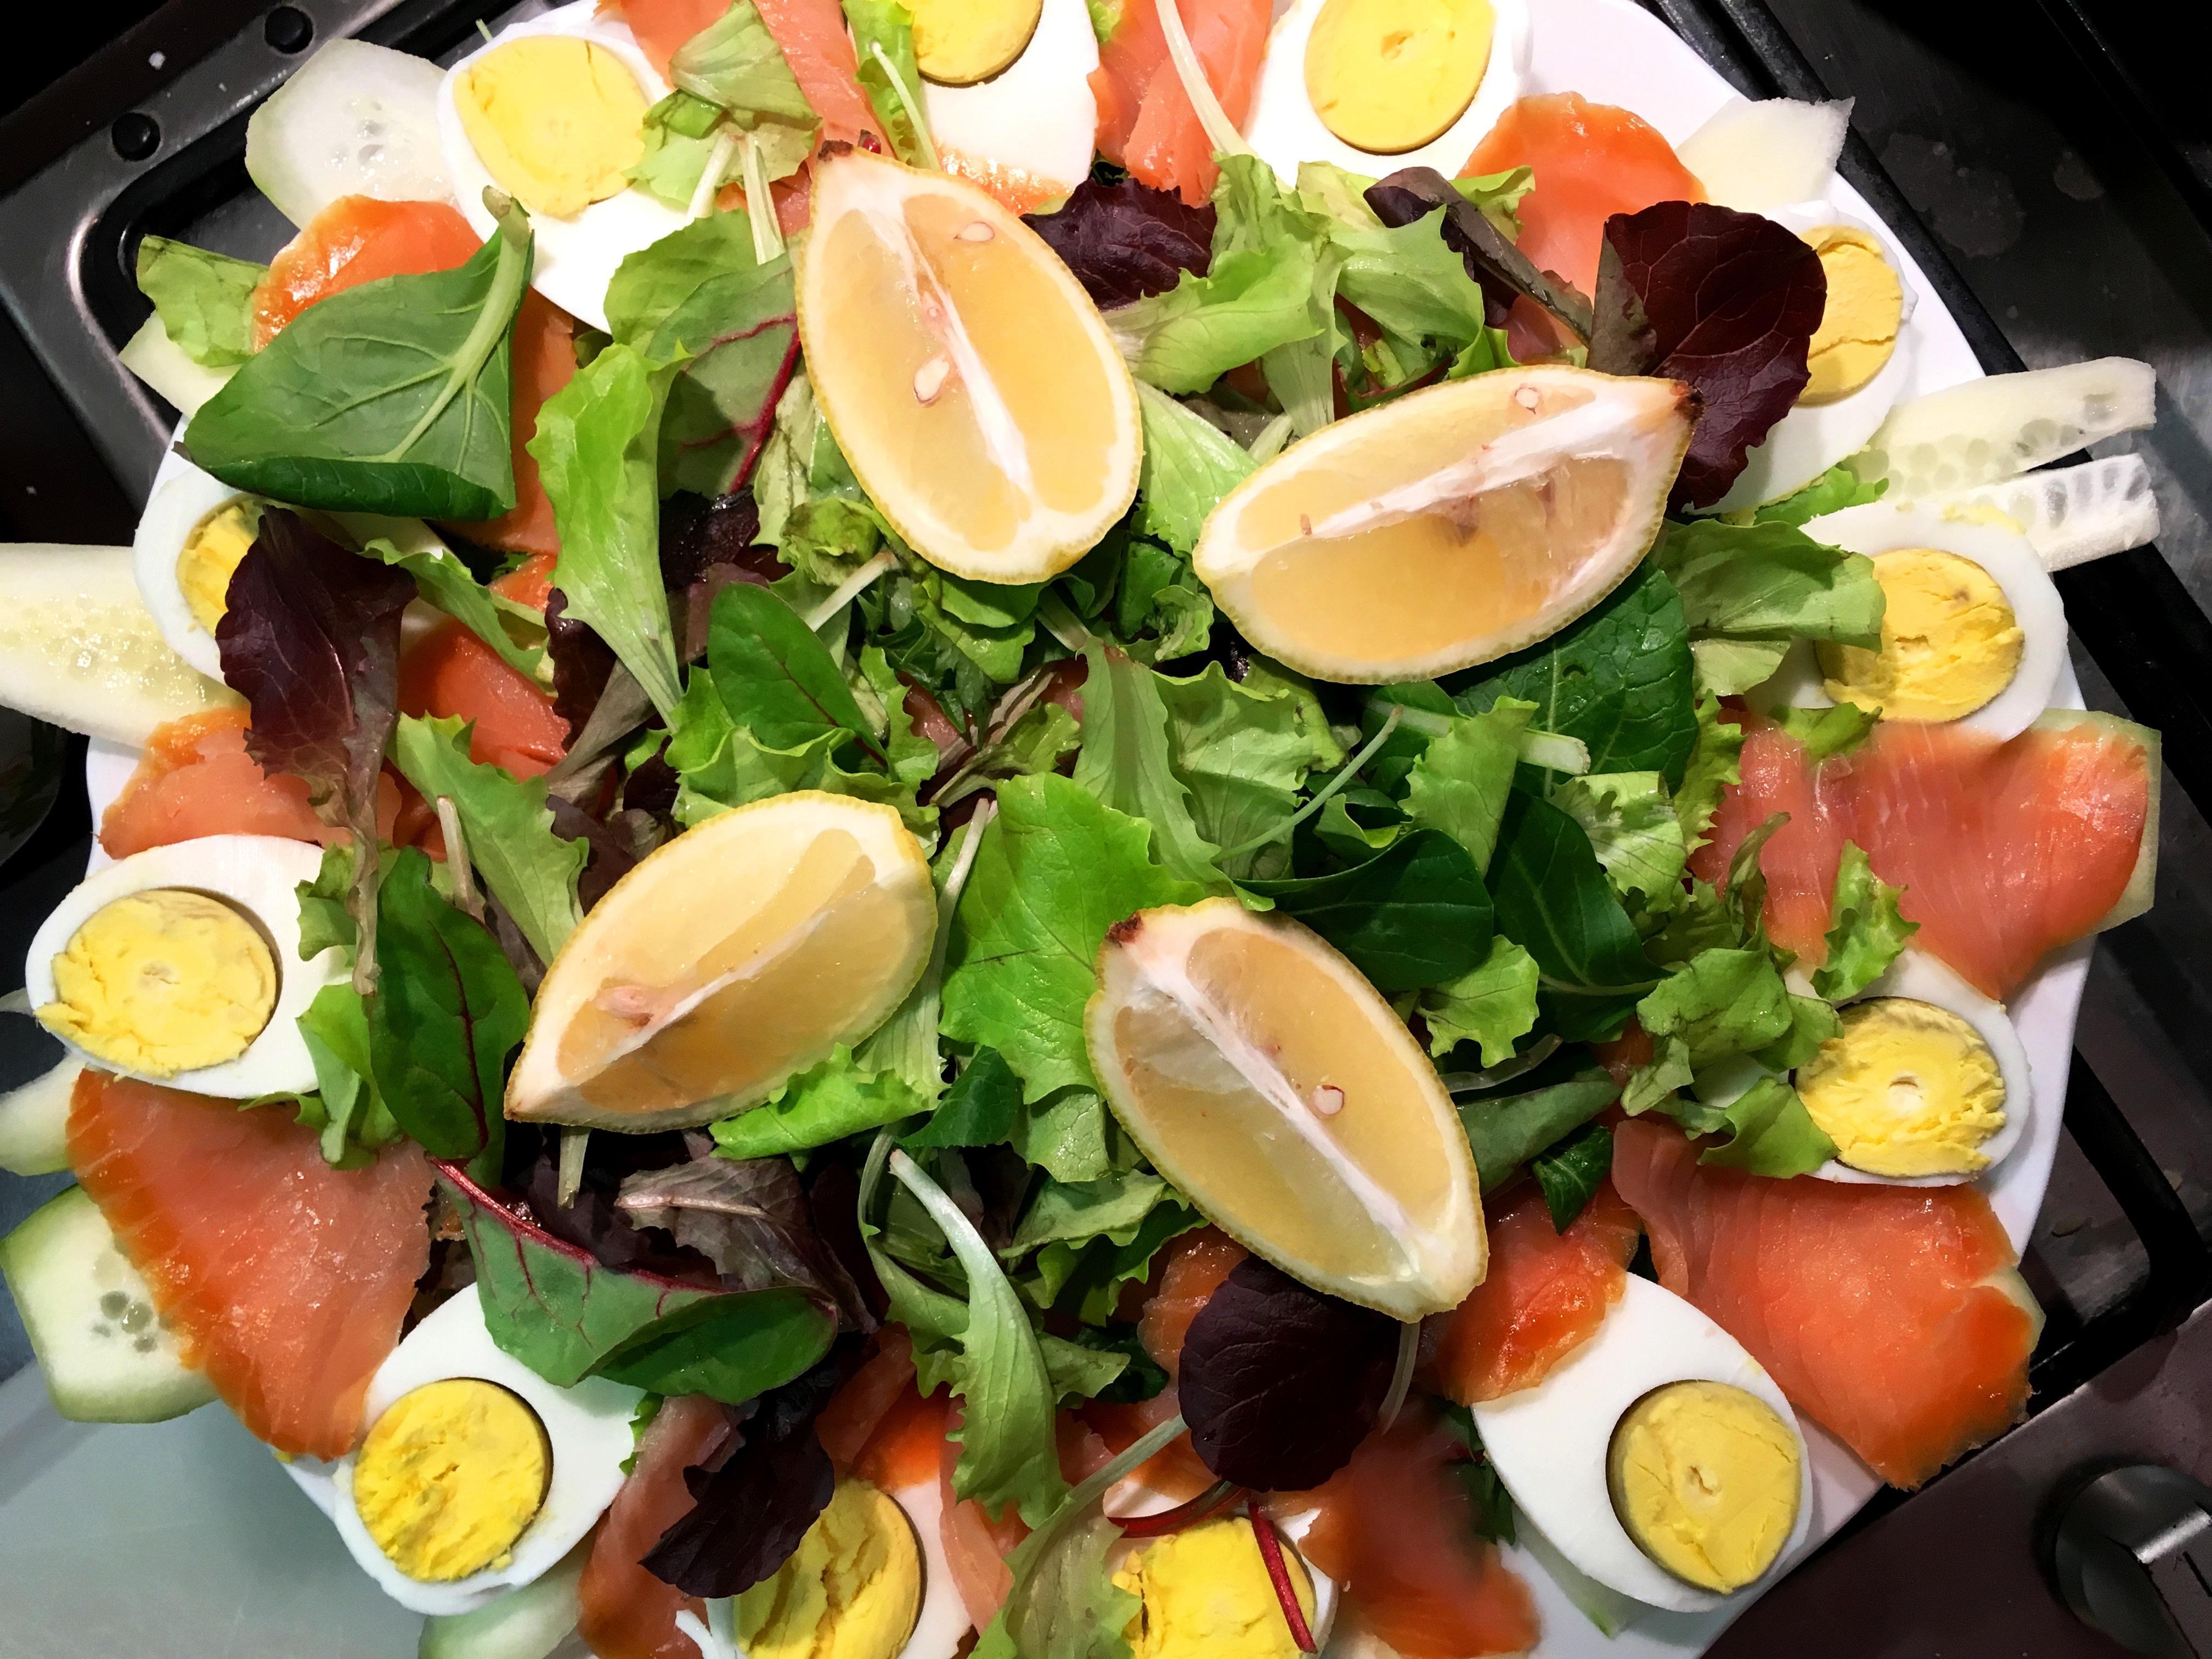 Праздничный ужин: итальянское рыбное меню-2